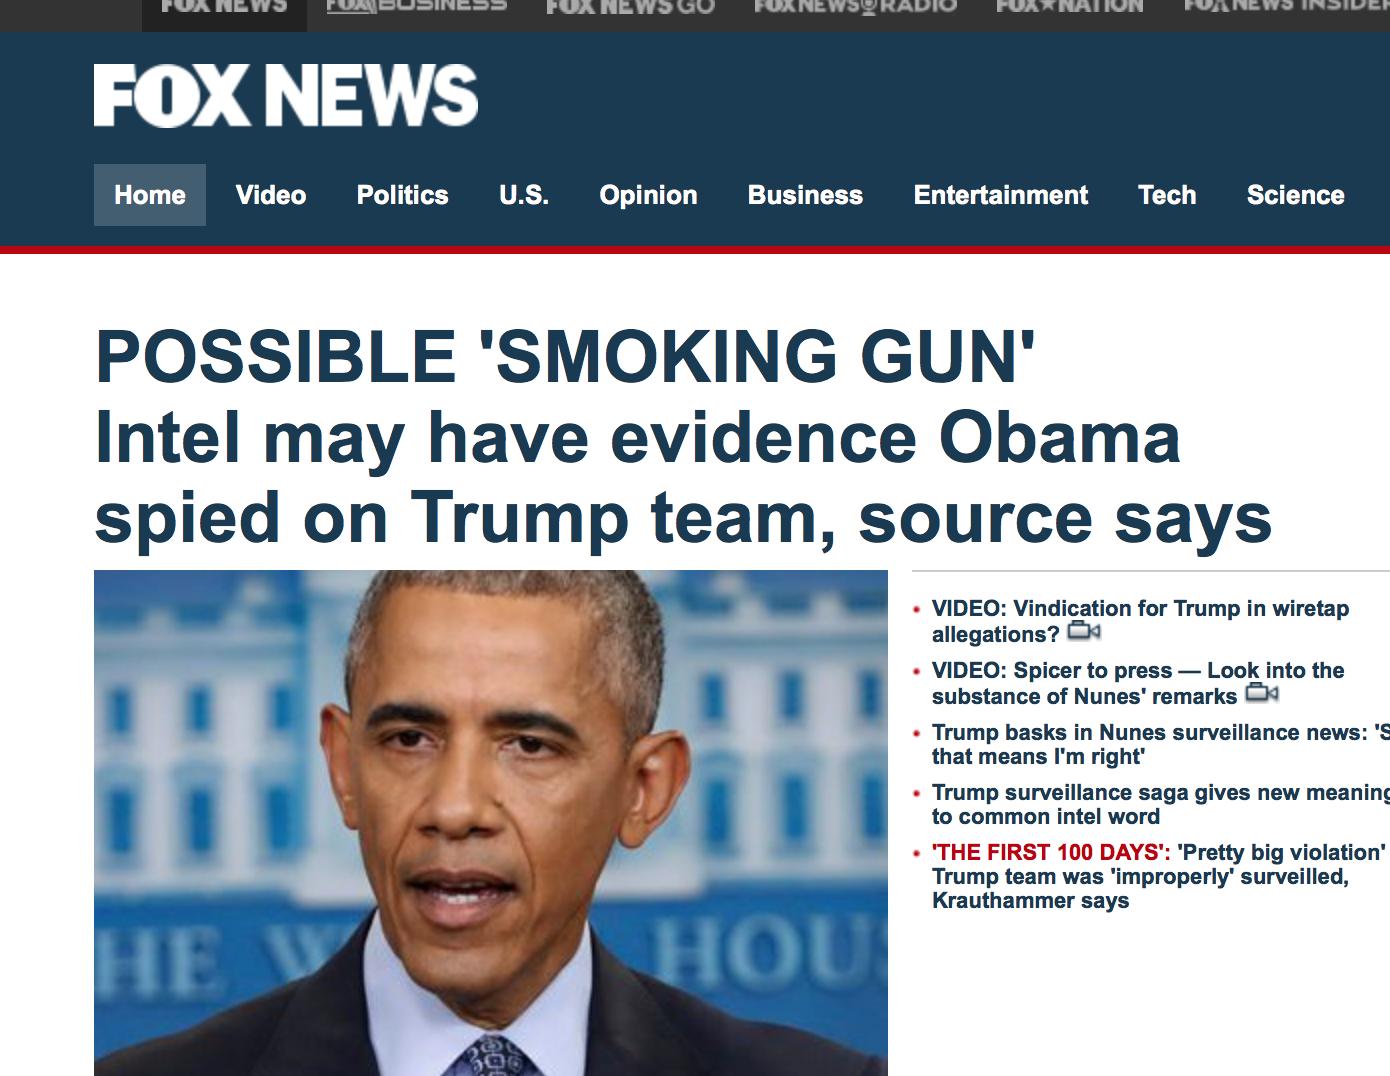 Rosen_Smoking_Gun.png